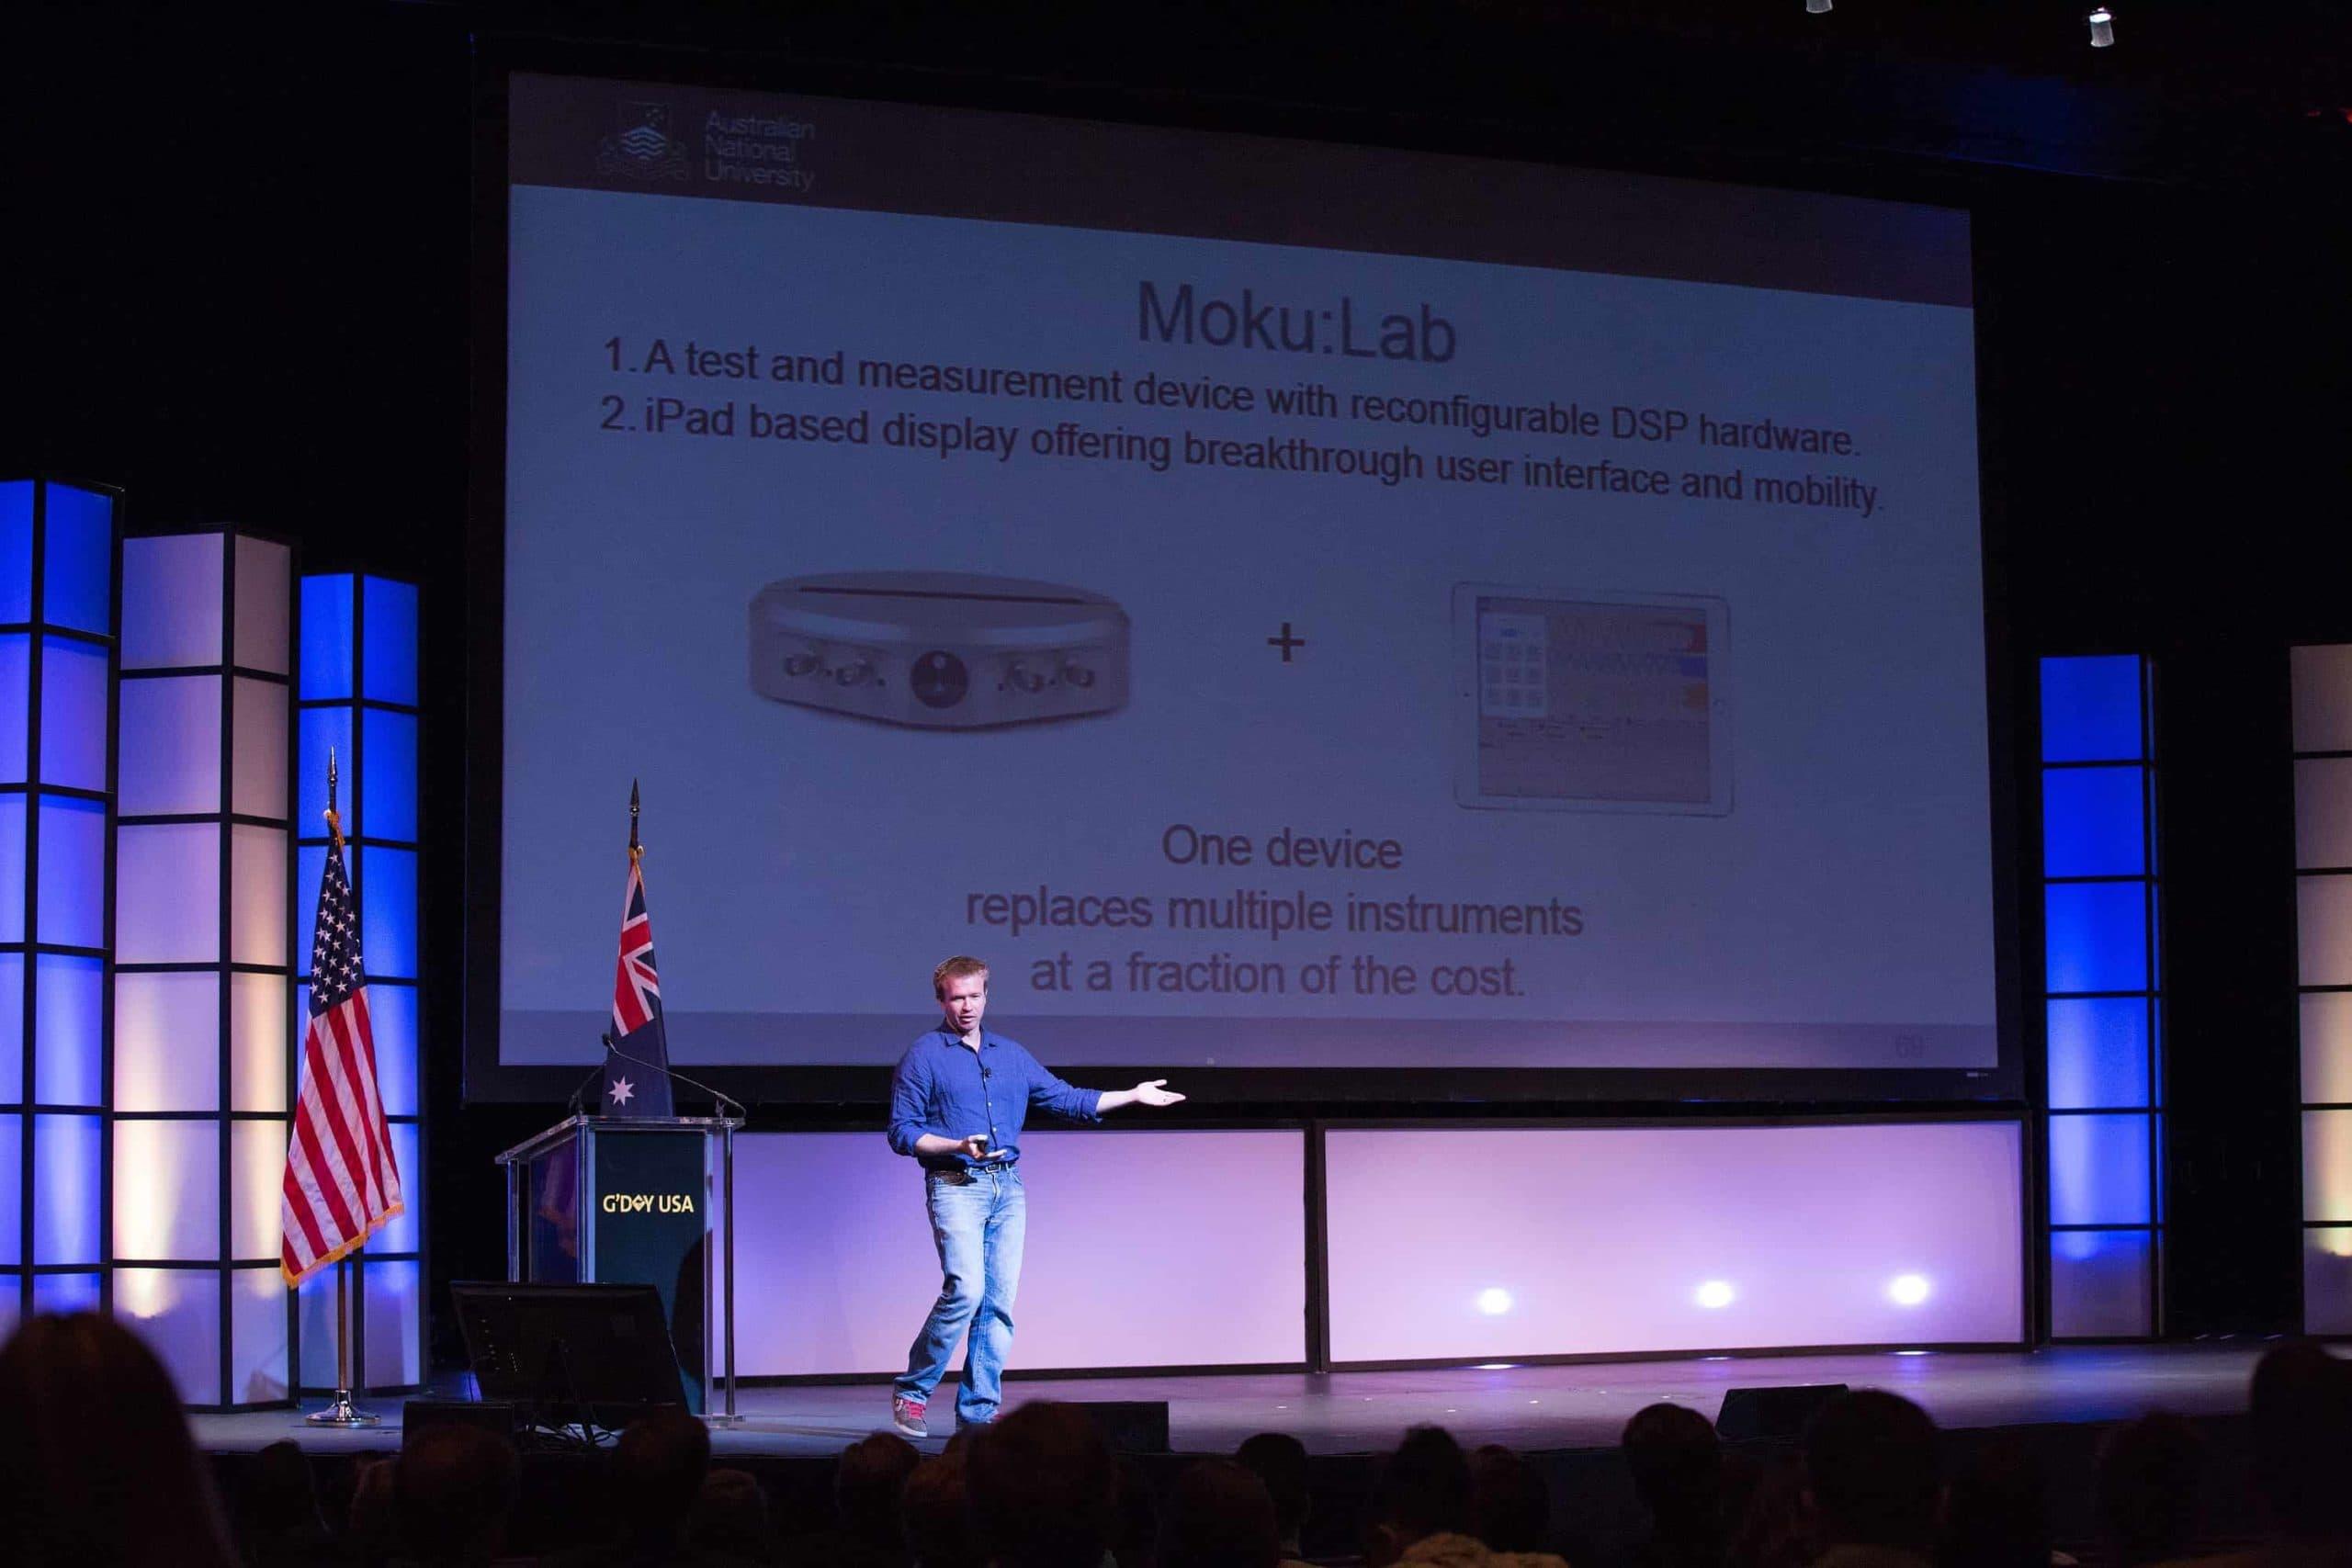 Innovators Xchange 2016 G'Day USA - Moku:Lab